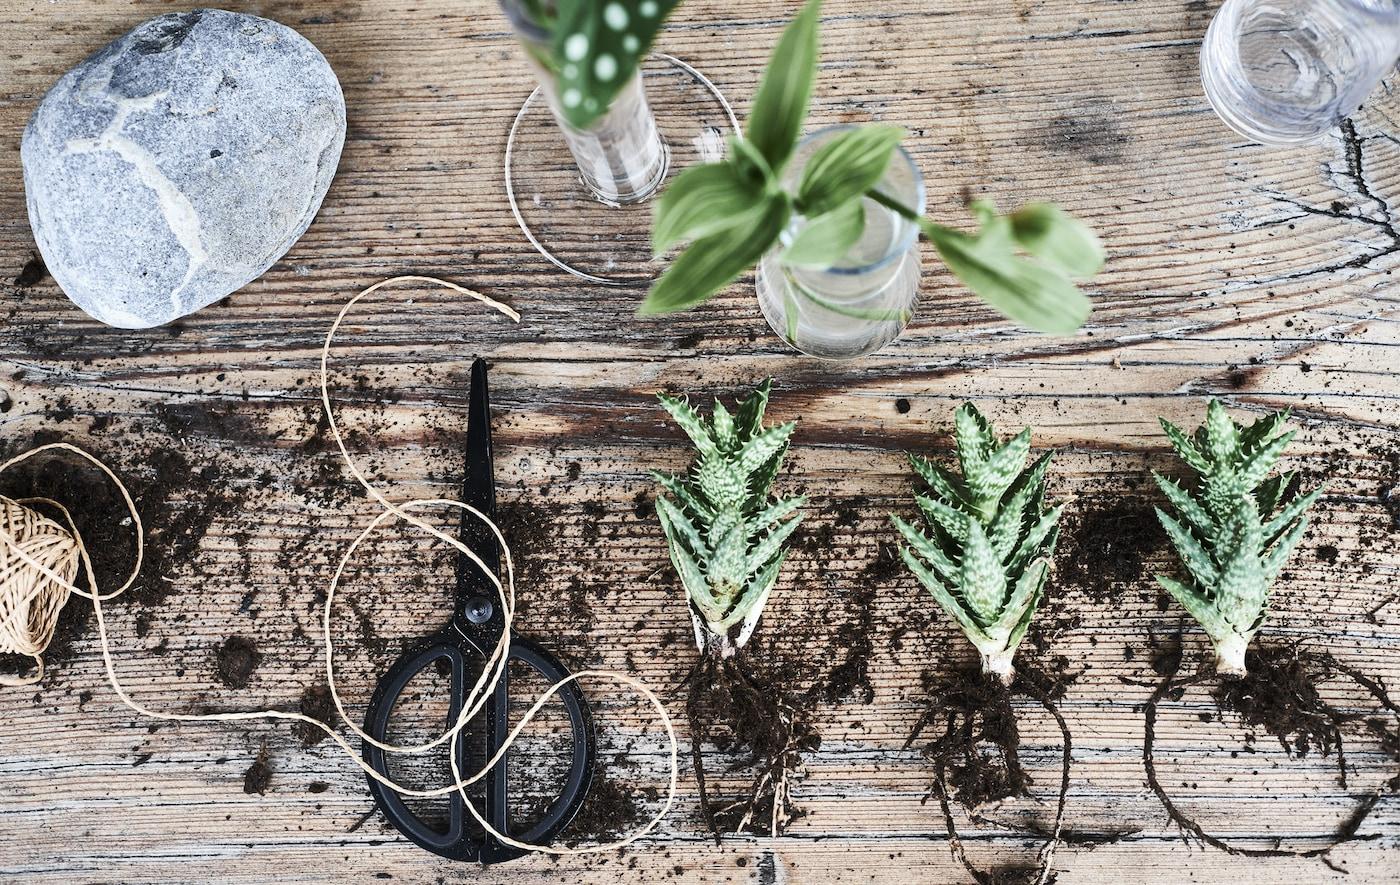 Pflanzen, Erde, Schnur und eine FULLFÖLJA Schere in Schwarz auf einer Holzbank